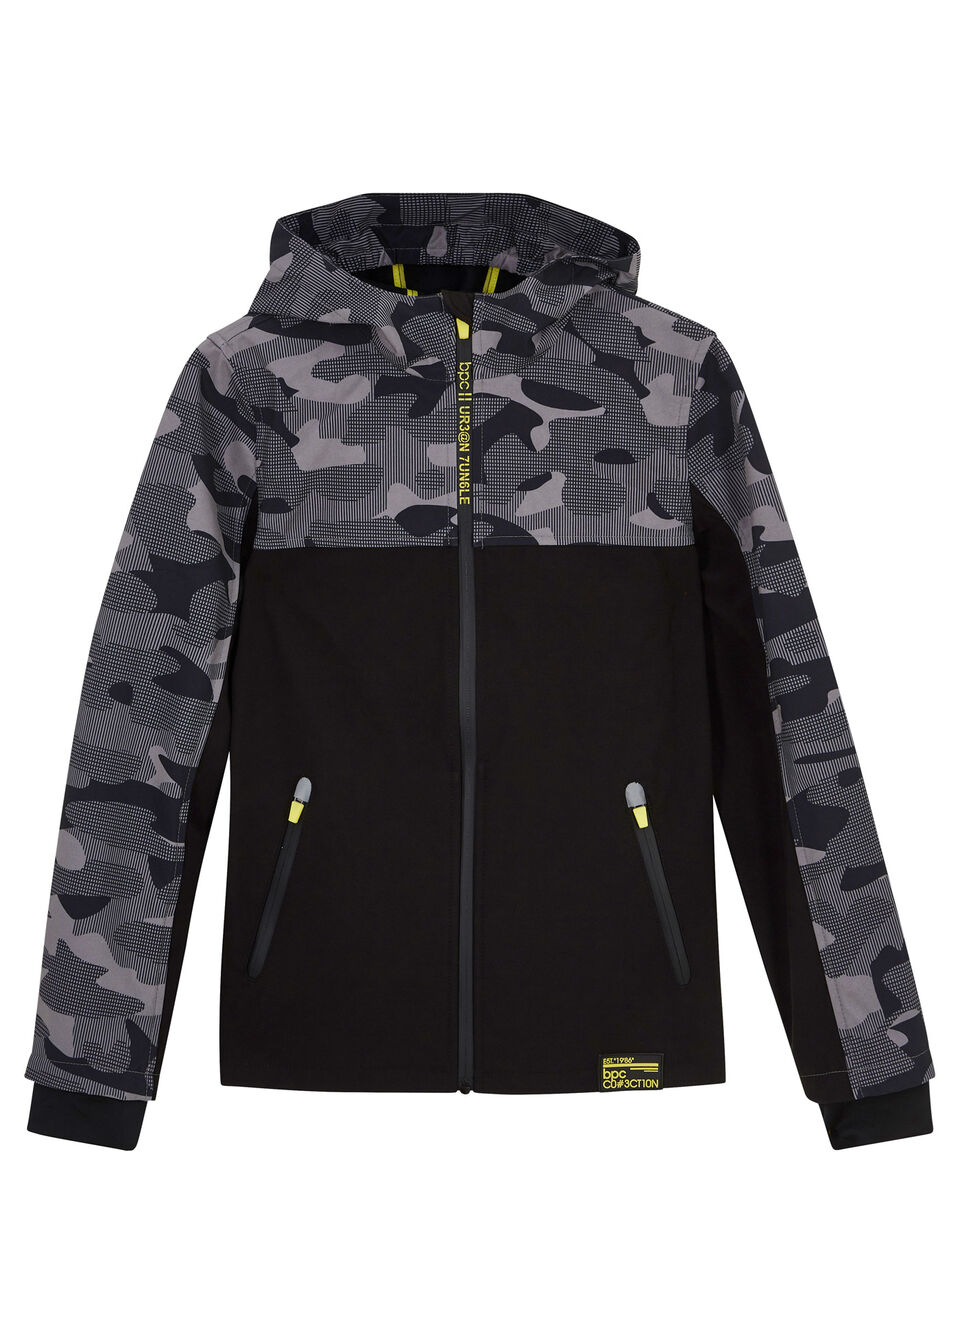 Куртка из софтшелла для мальчика от bonprix